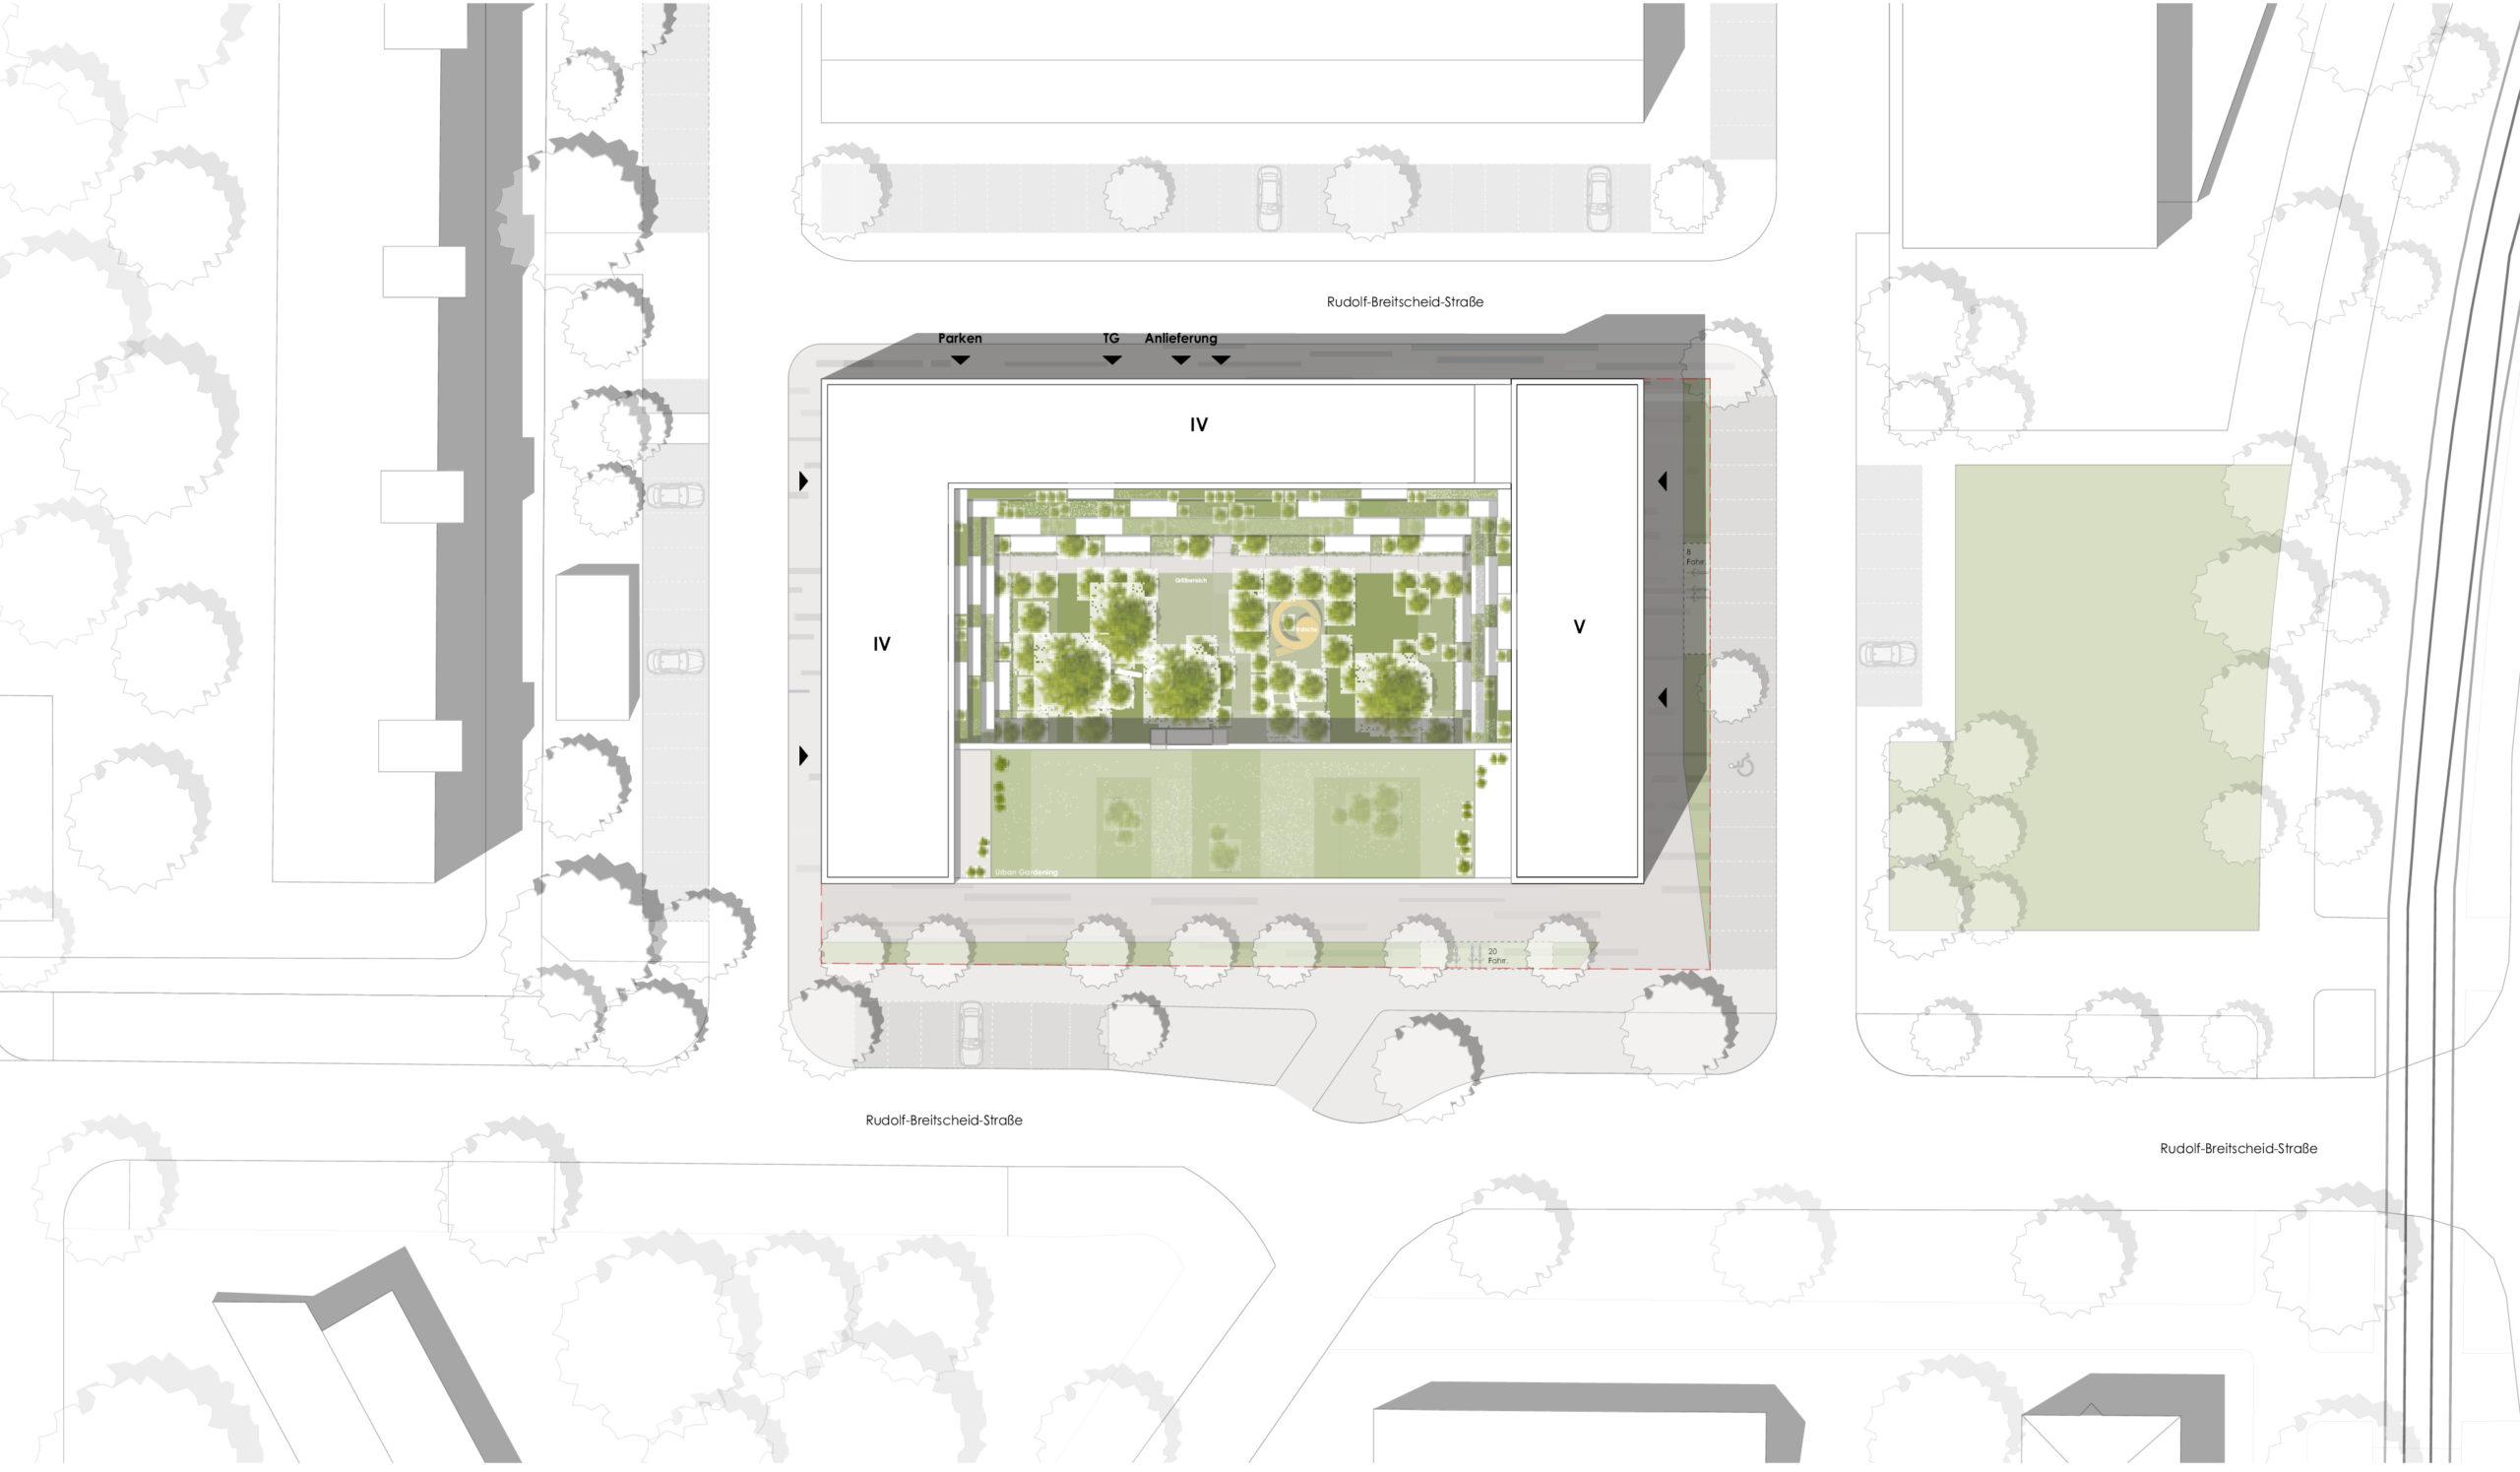 Lageplan Wettbewerb Wohnen über Einzelhandel in Karlsruhe von Bitsch+Bienstein Architekten